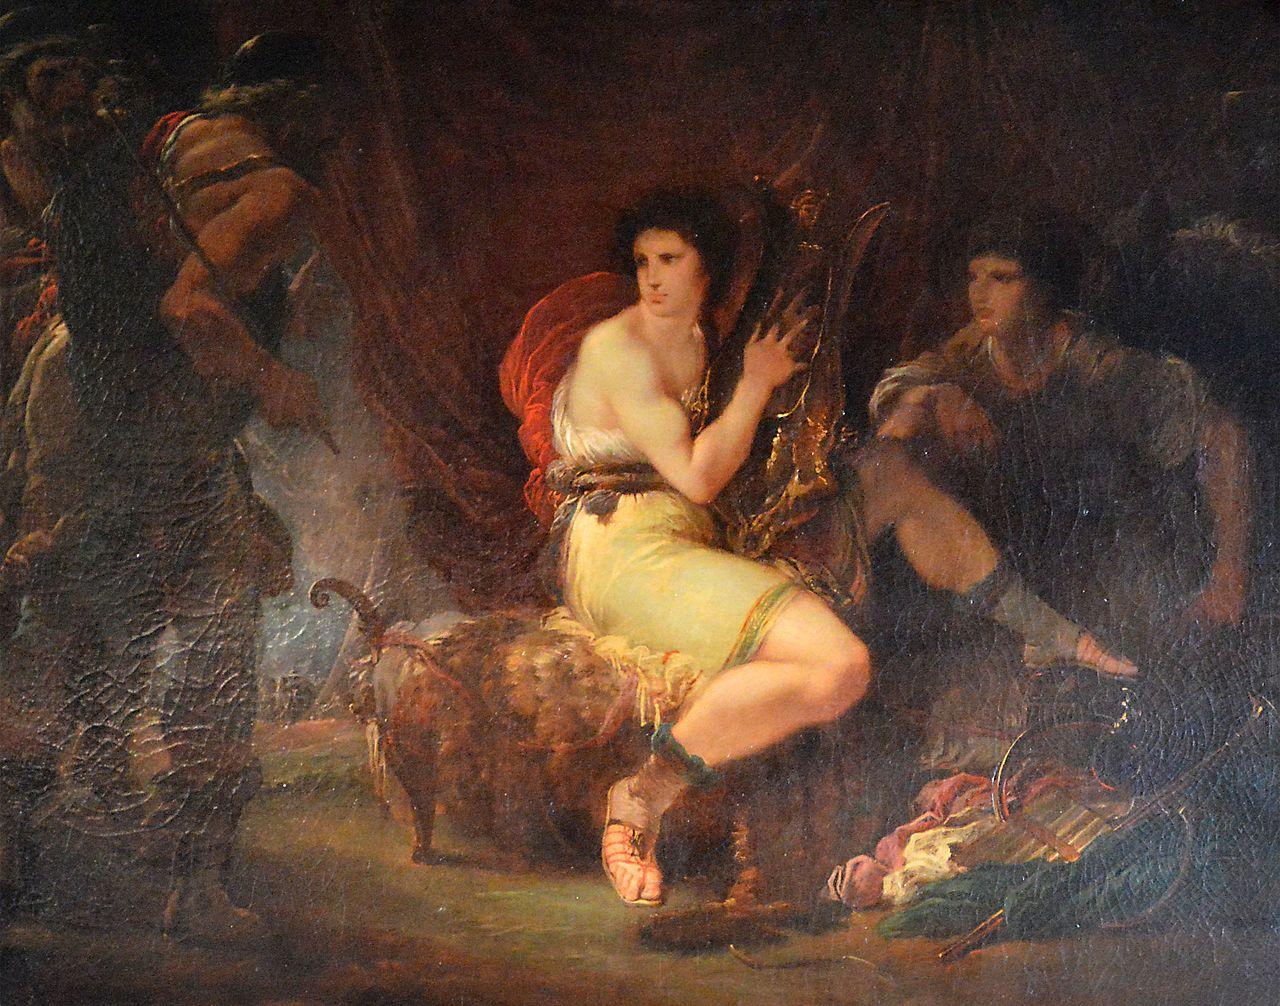 Giuseppe_Cades 1782 ca Achille,_jouant_de_la_lyre_sous_sa_tente_avec_Patrocle,_est_surpris_par_Ulysse_et_Nestor Louvre